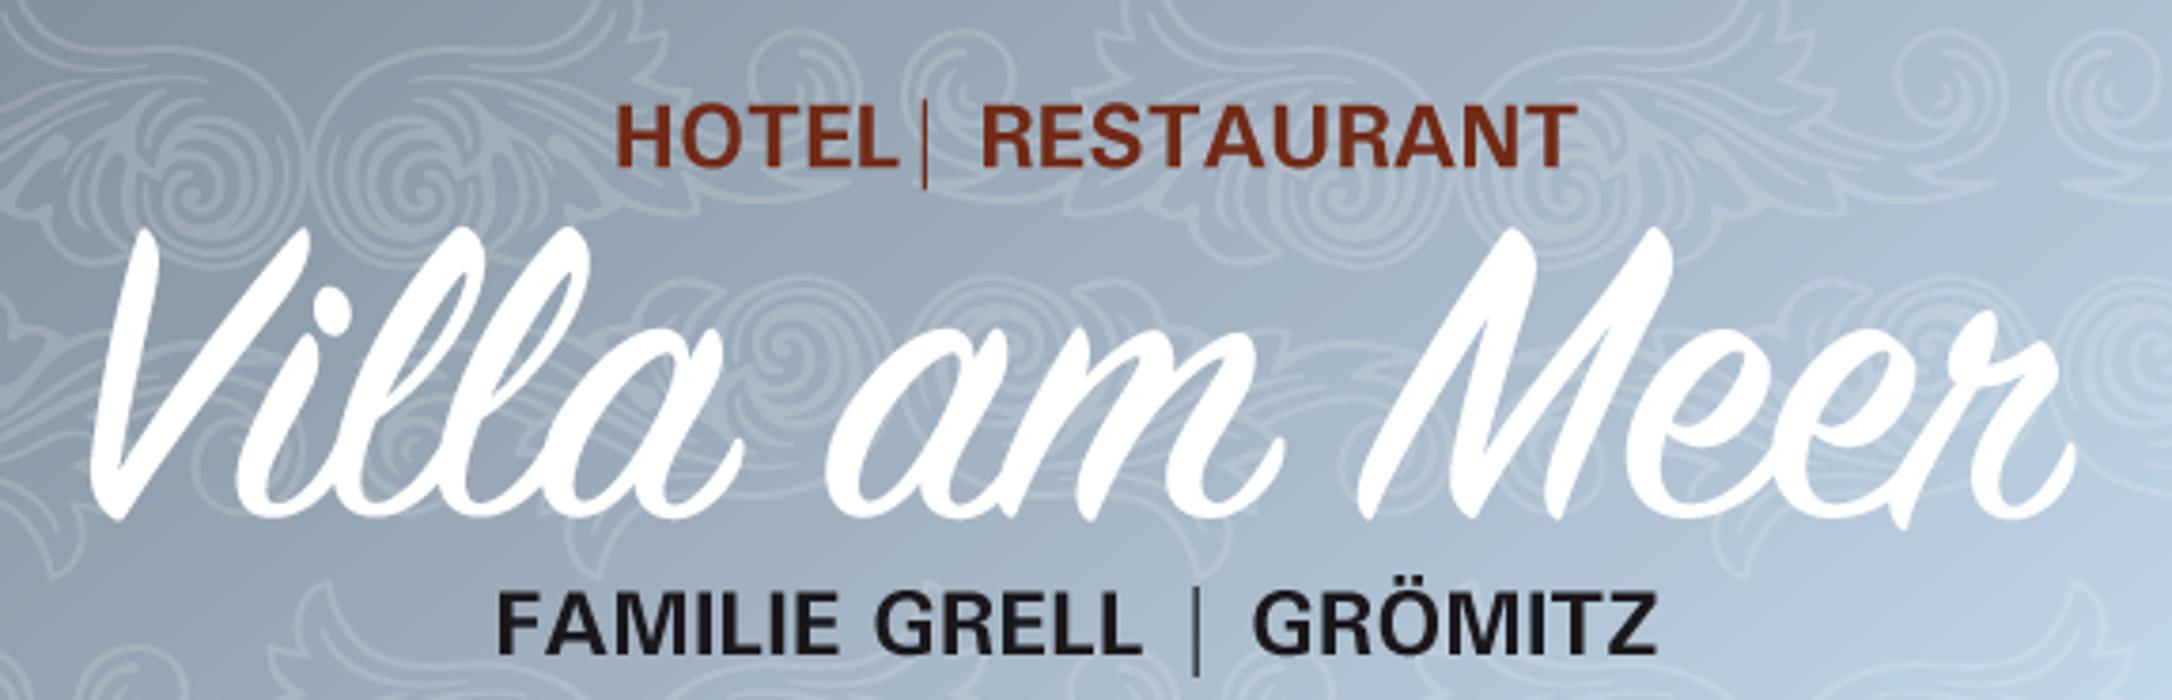 Hotel Gromitz 18 Adressen Im Goyellow Branchenbuch